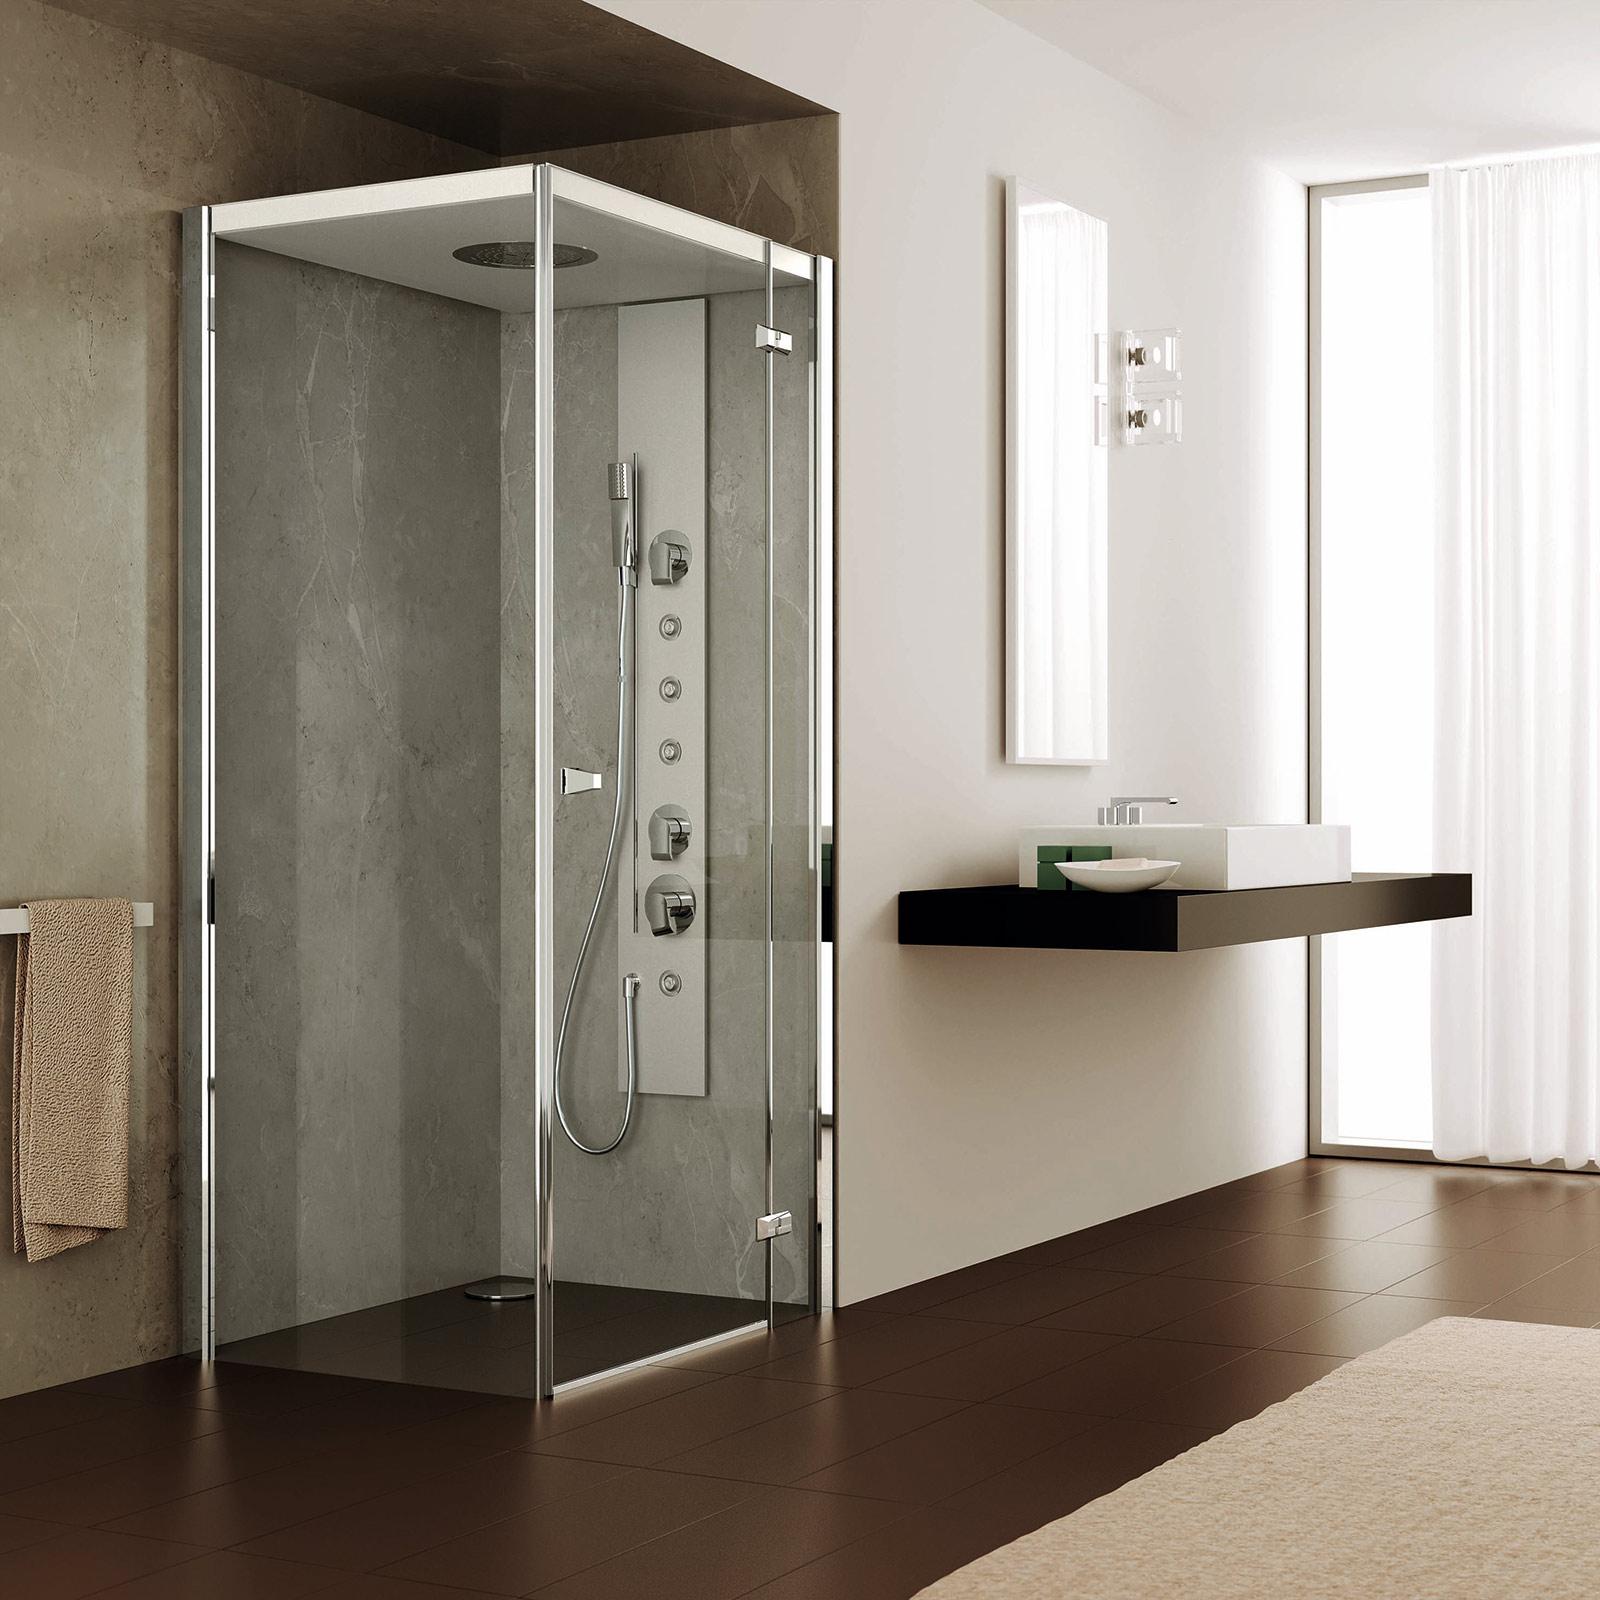 Come costruire un bagno turco nella doccia internet italiano - Bagno turco in casa ...